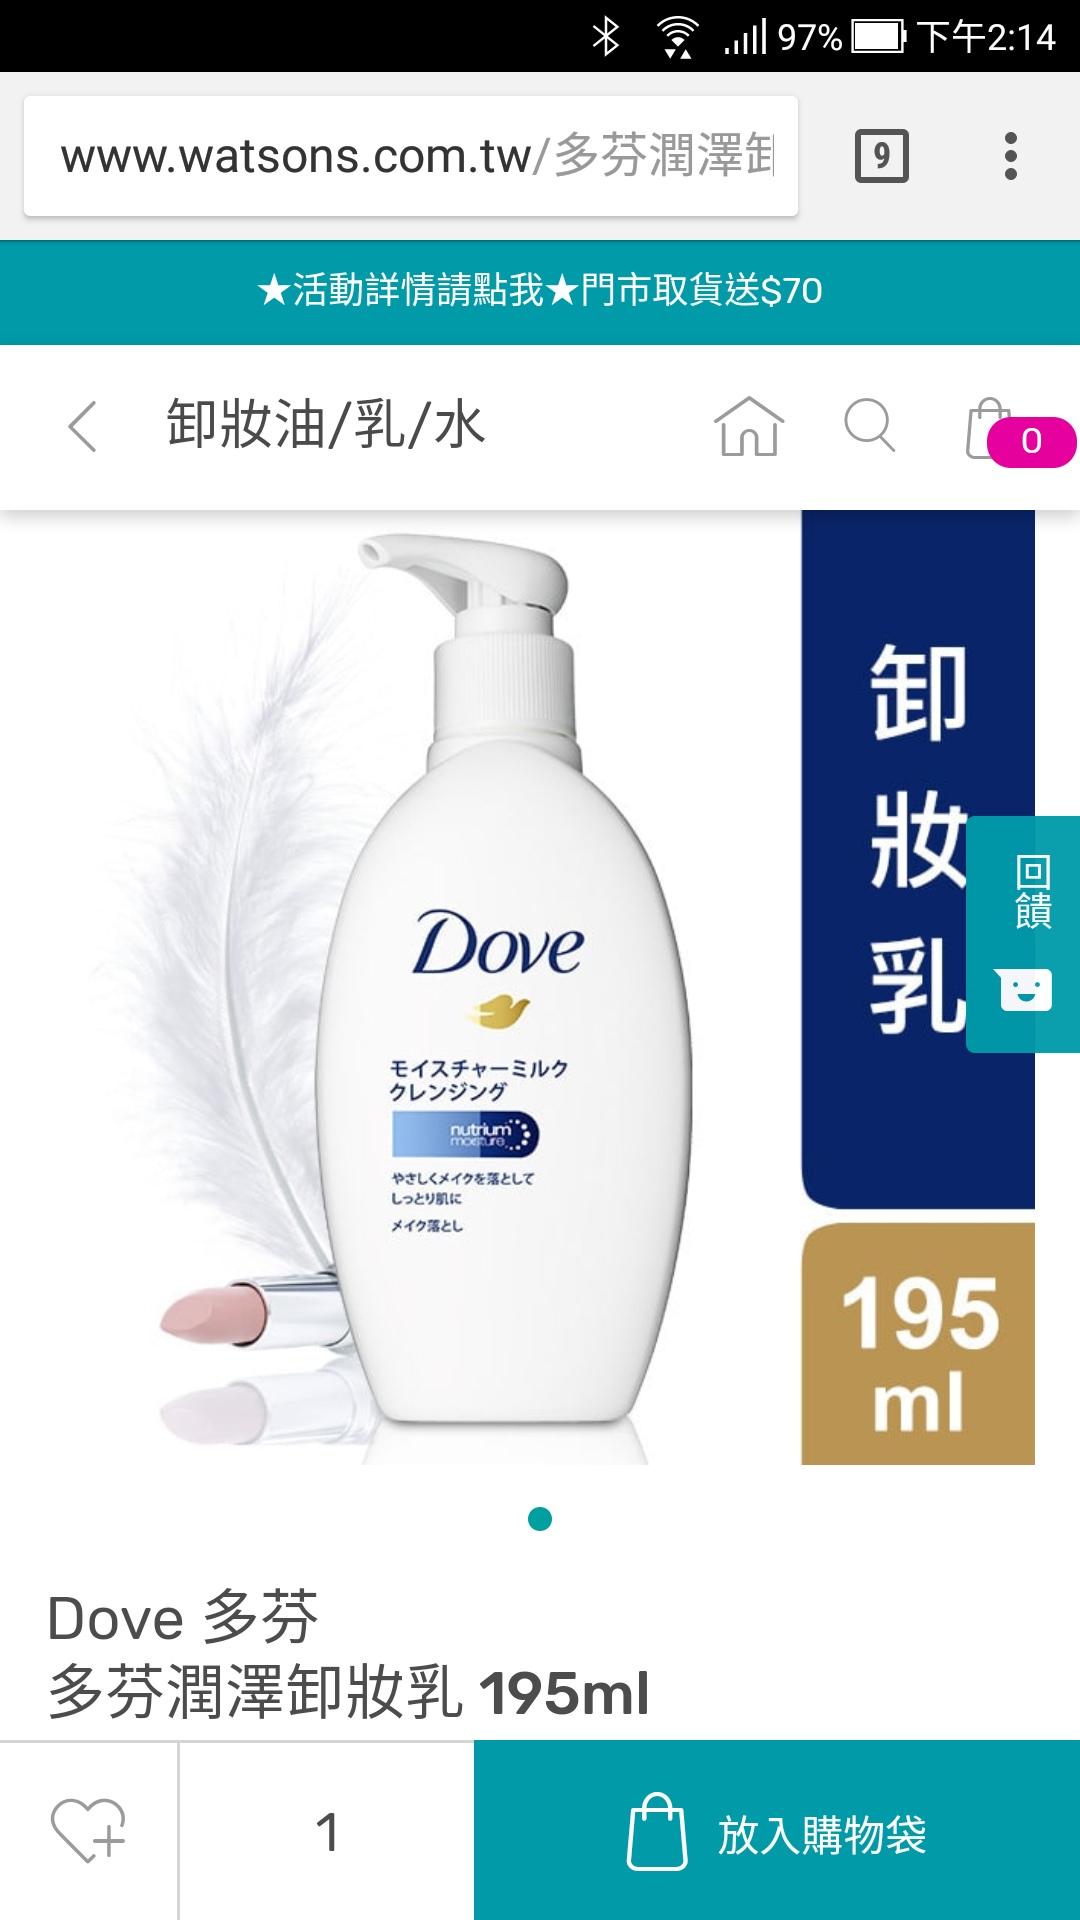 #問 卸妝乳推薦 - 美妝板 | Dcard